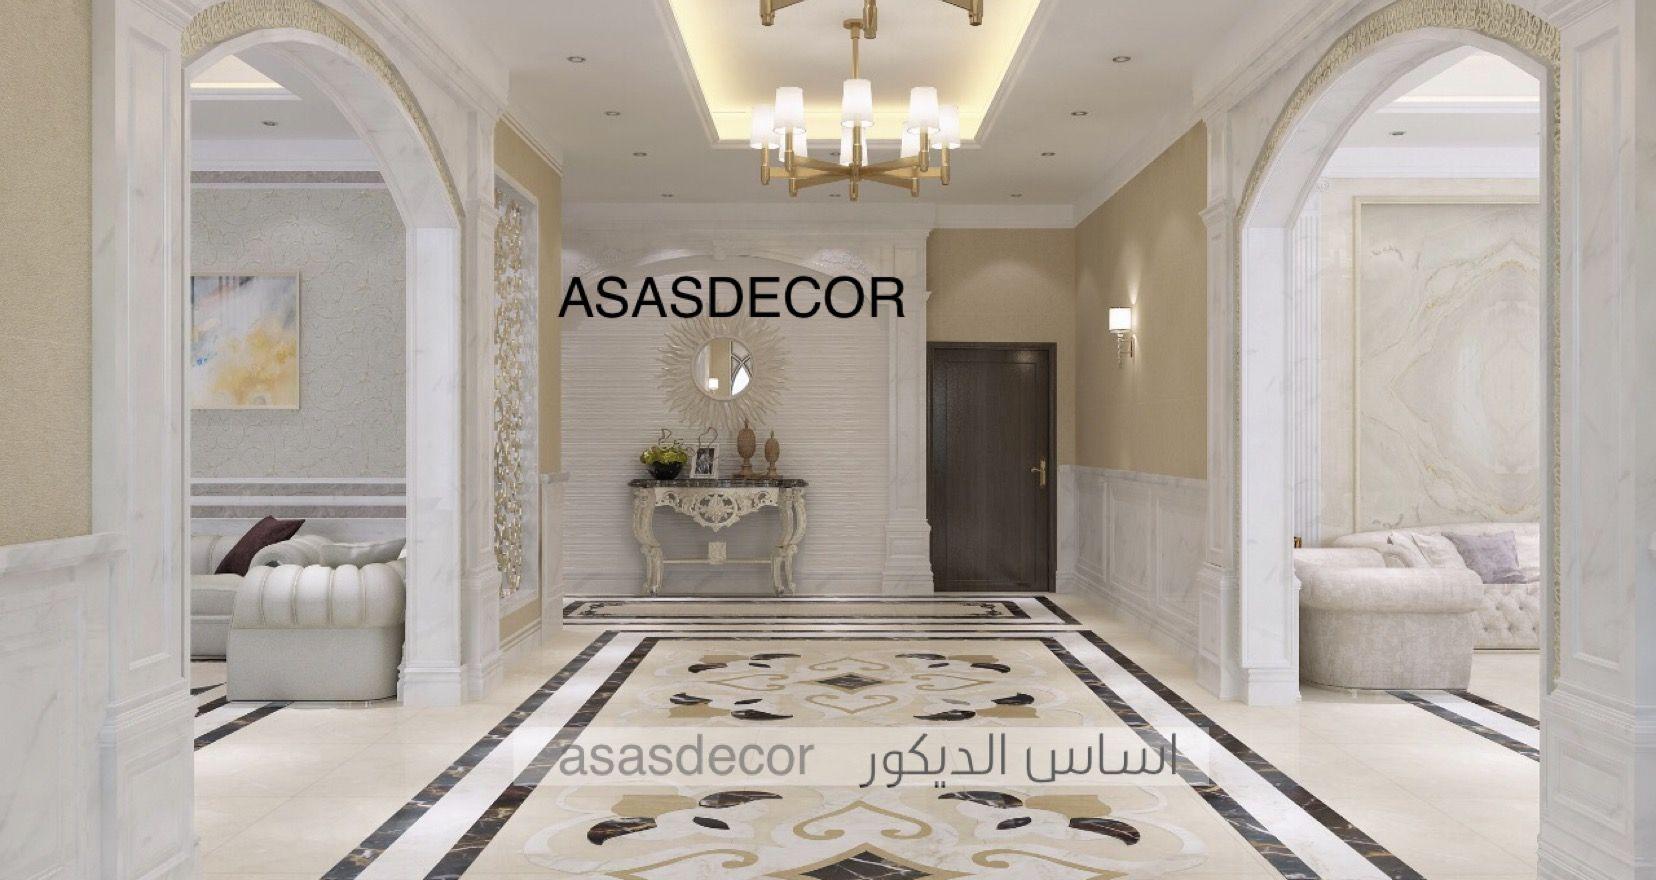 اساس الديكور متخصصون في التصميم الداخلي والخارجي مع التنفيذ والاشراف للتواصل 0506006668 تابعونا على السناب Asas Decor دي Home Home Decor Decor